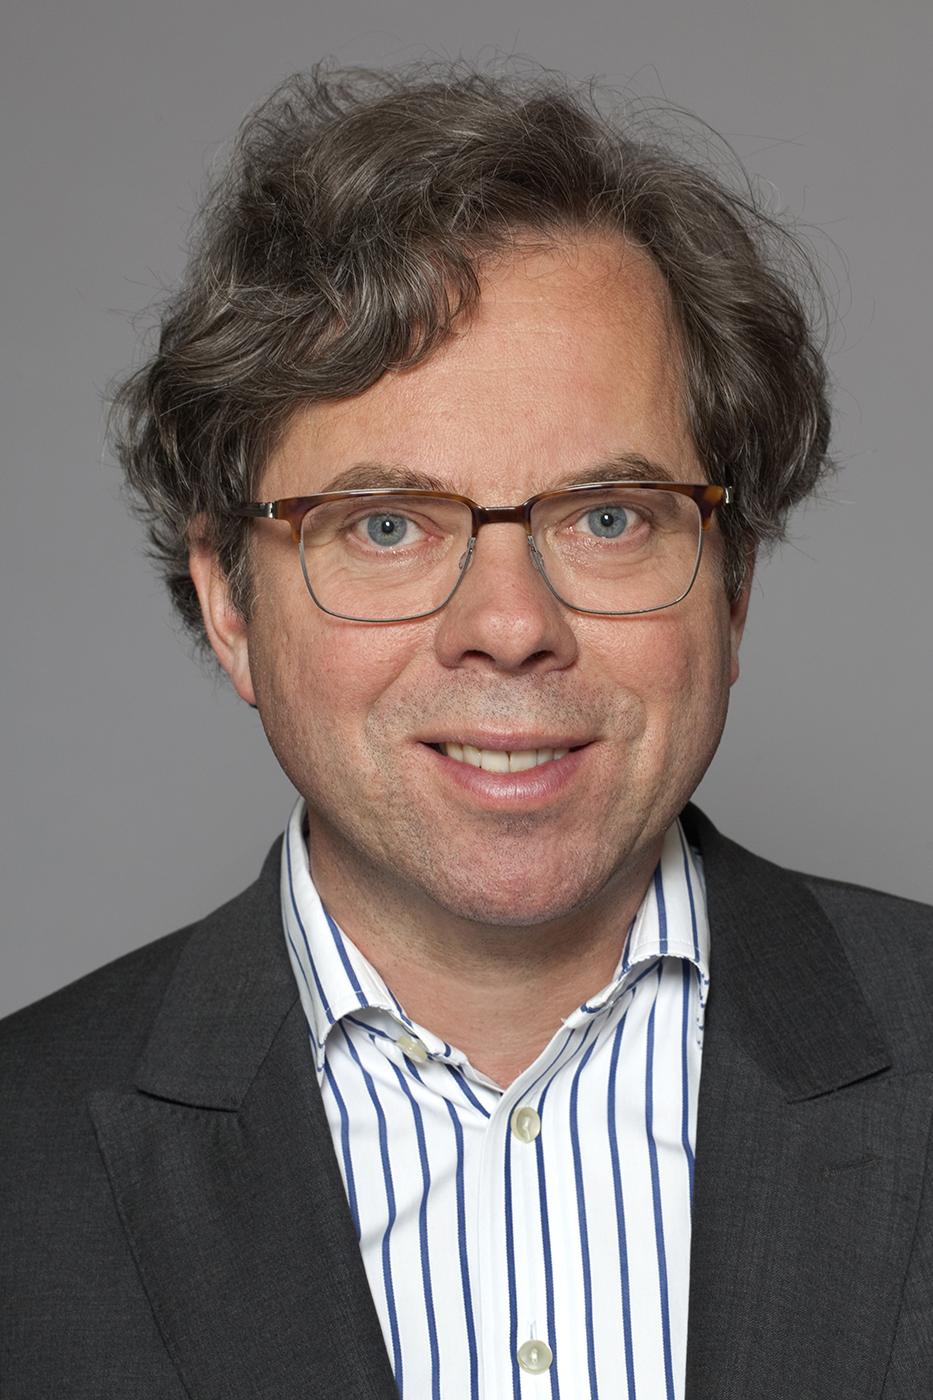 Hans Pieter van der Veen - Partner Dommerholt Advocaten